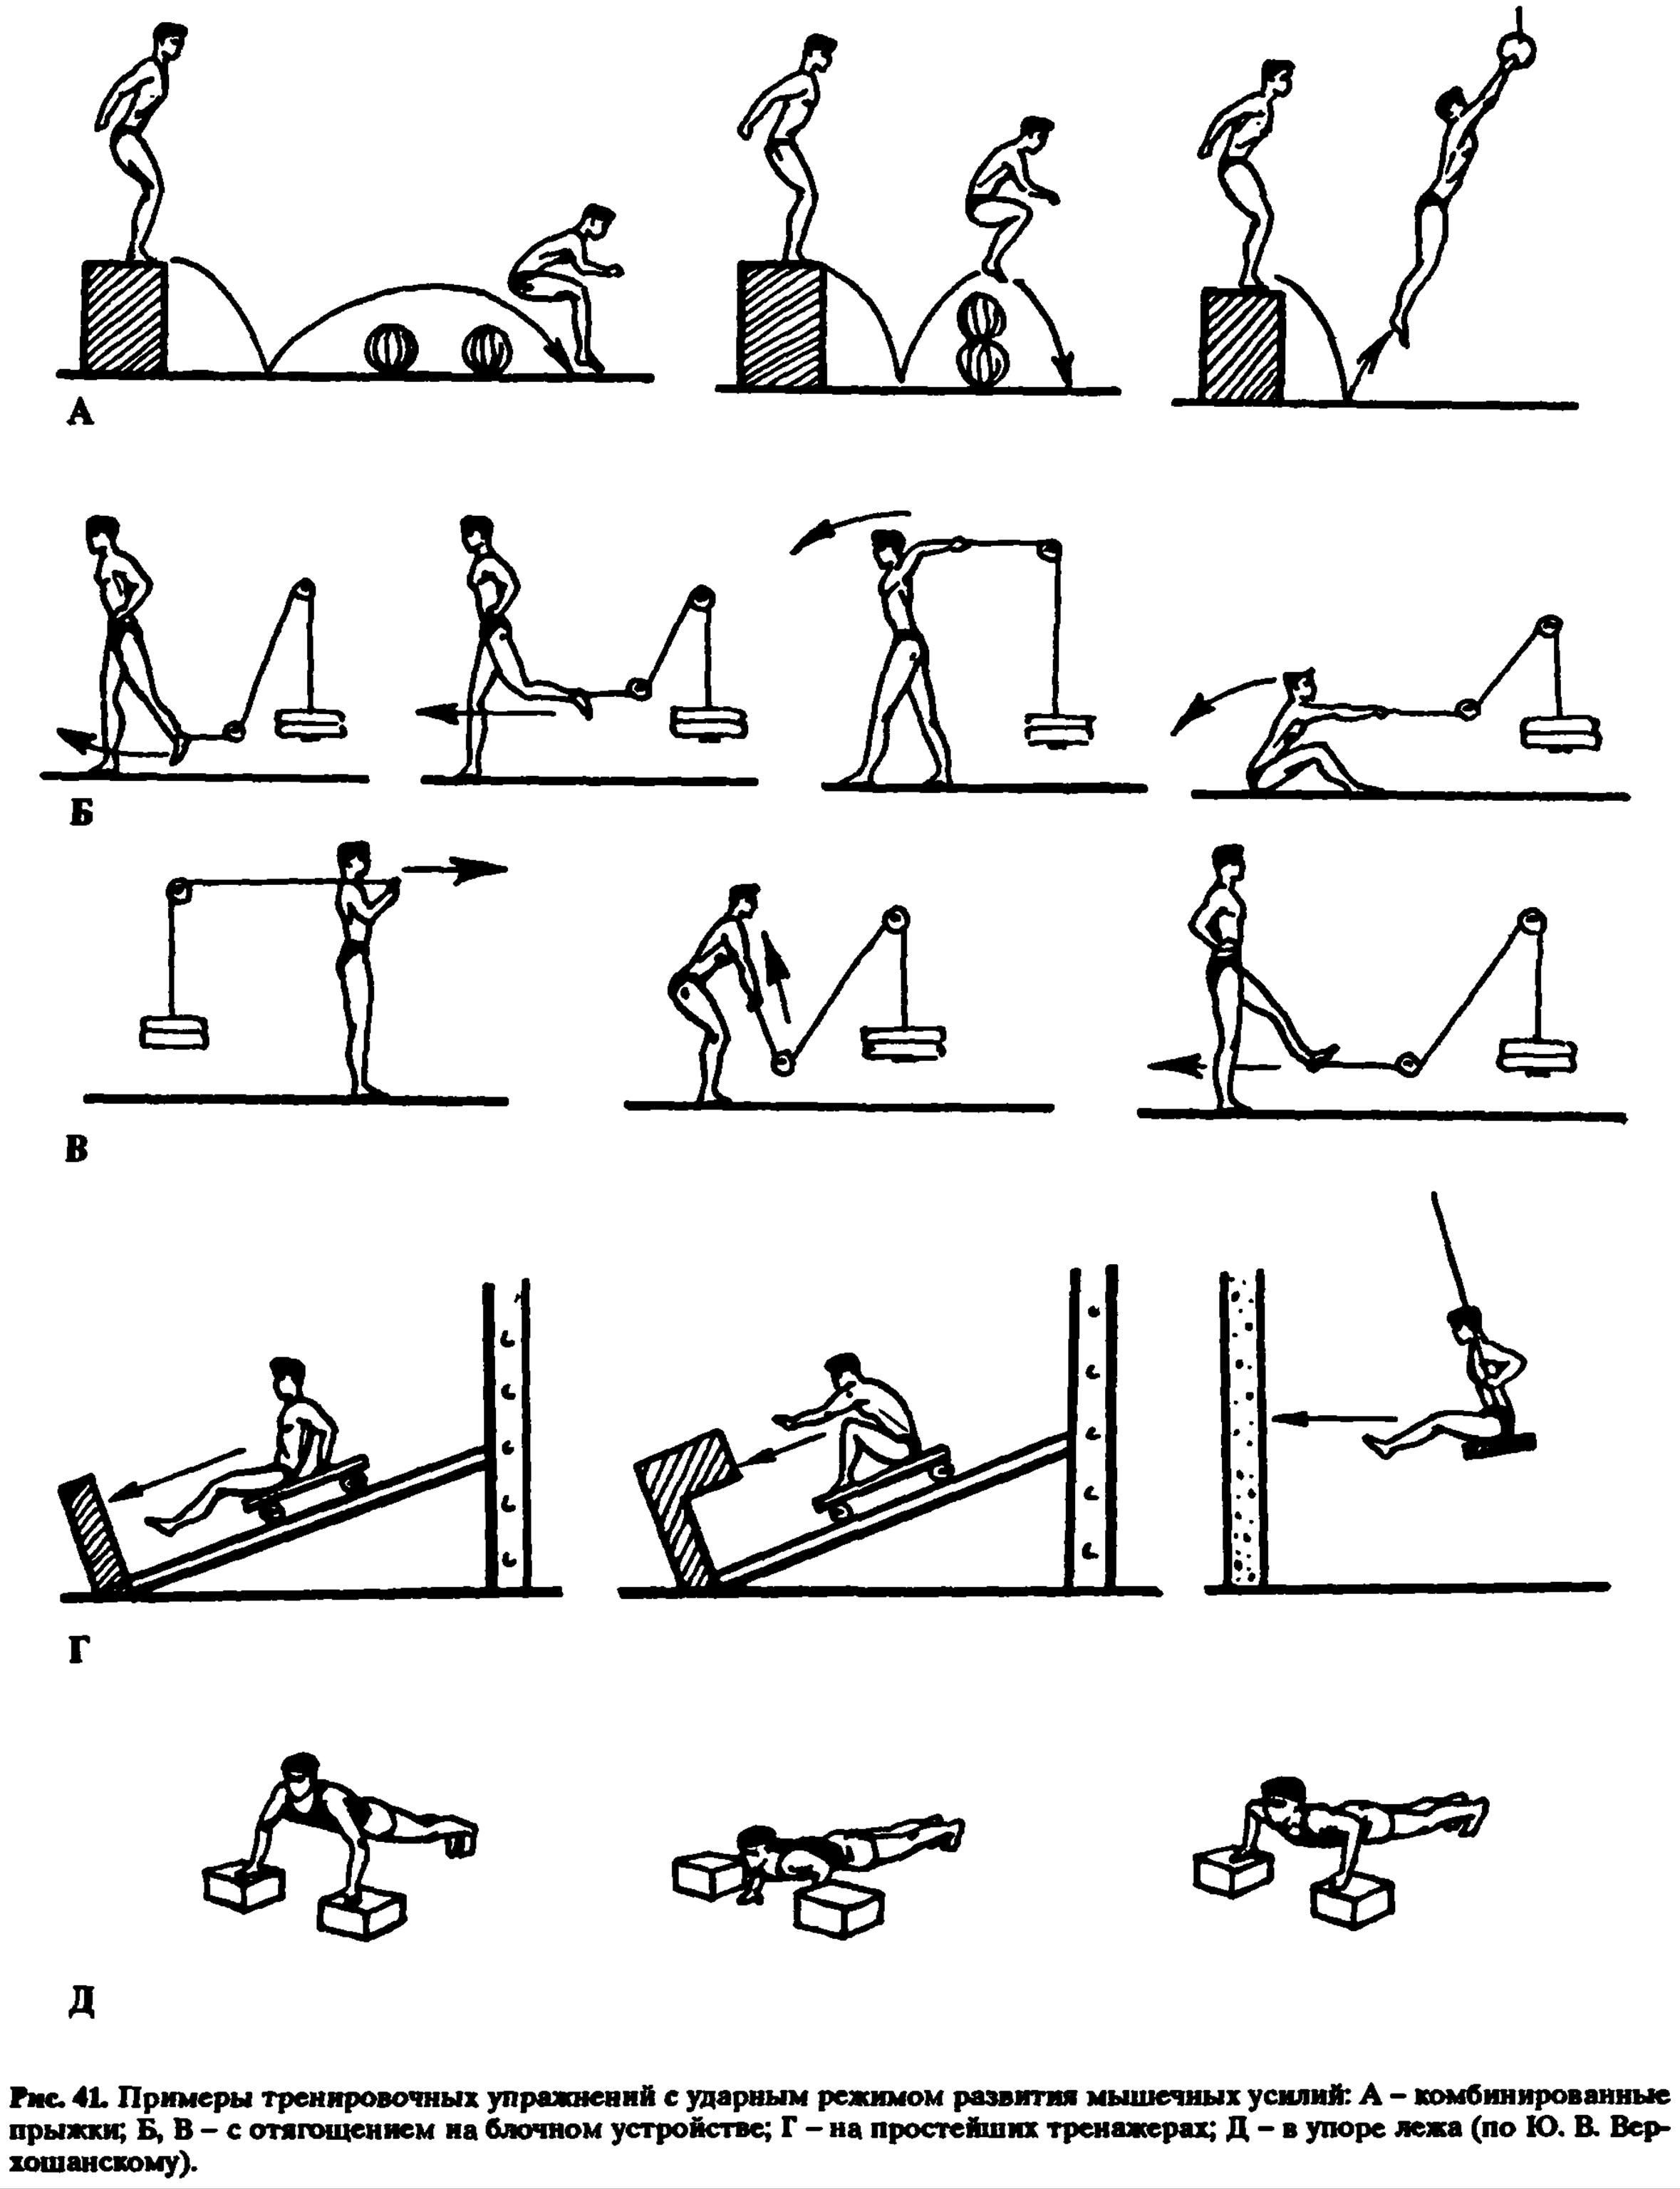 Примеры тренировочных упражнений